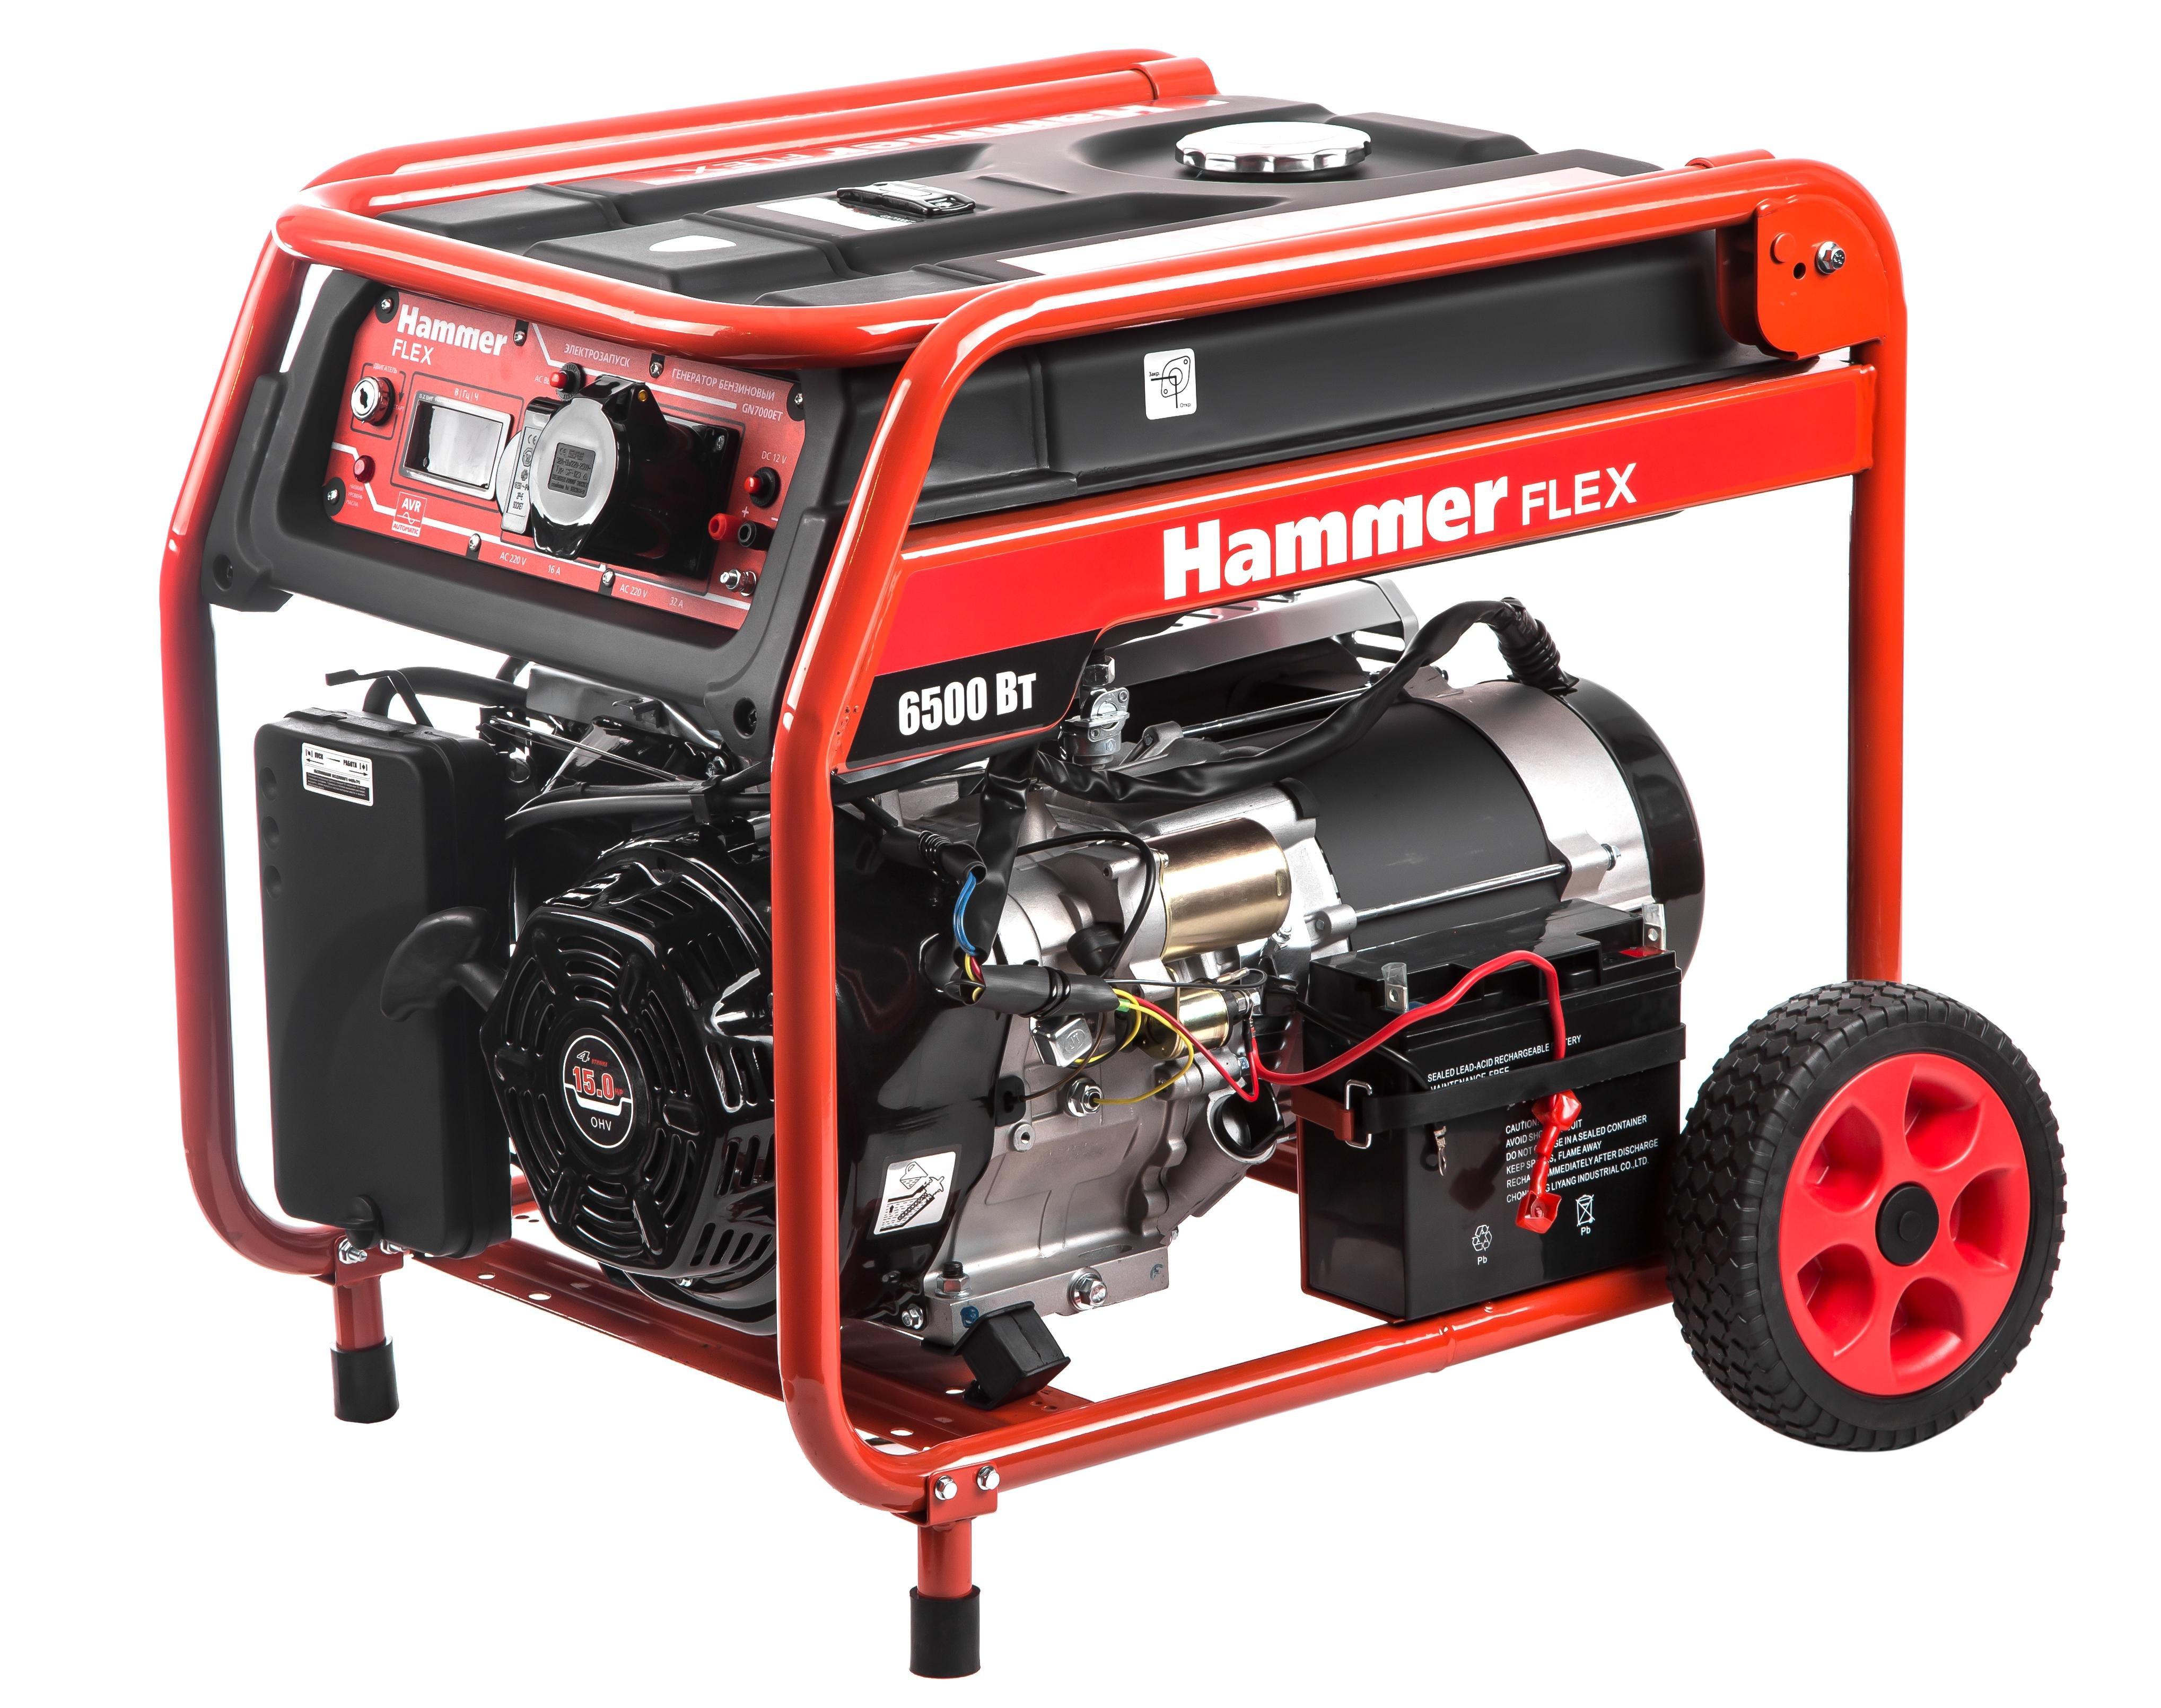 Бензиновый генератор hammer gnr5500b купить сварочный аппарат инверторного типа украина